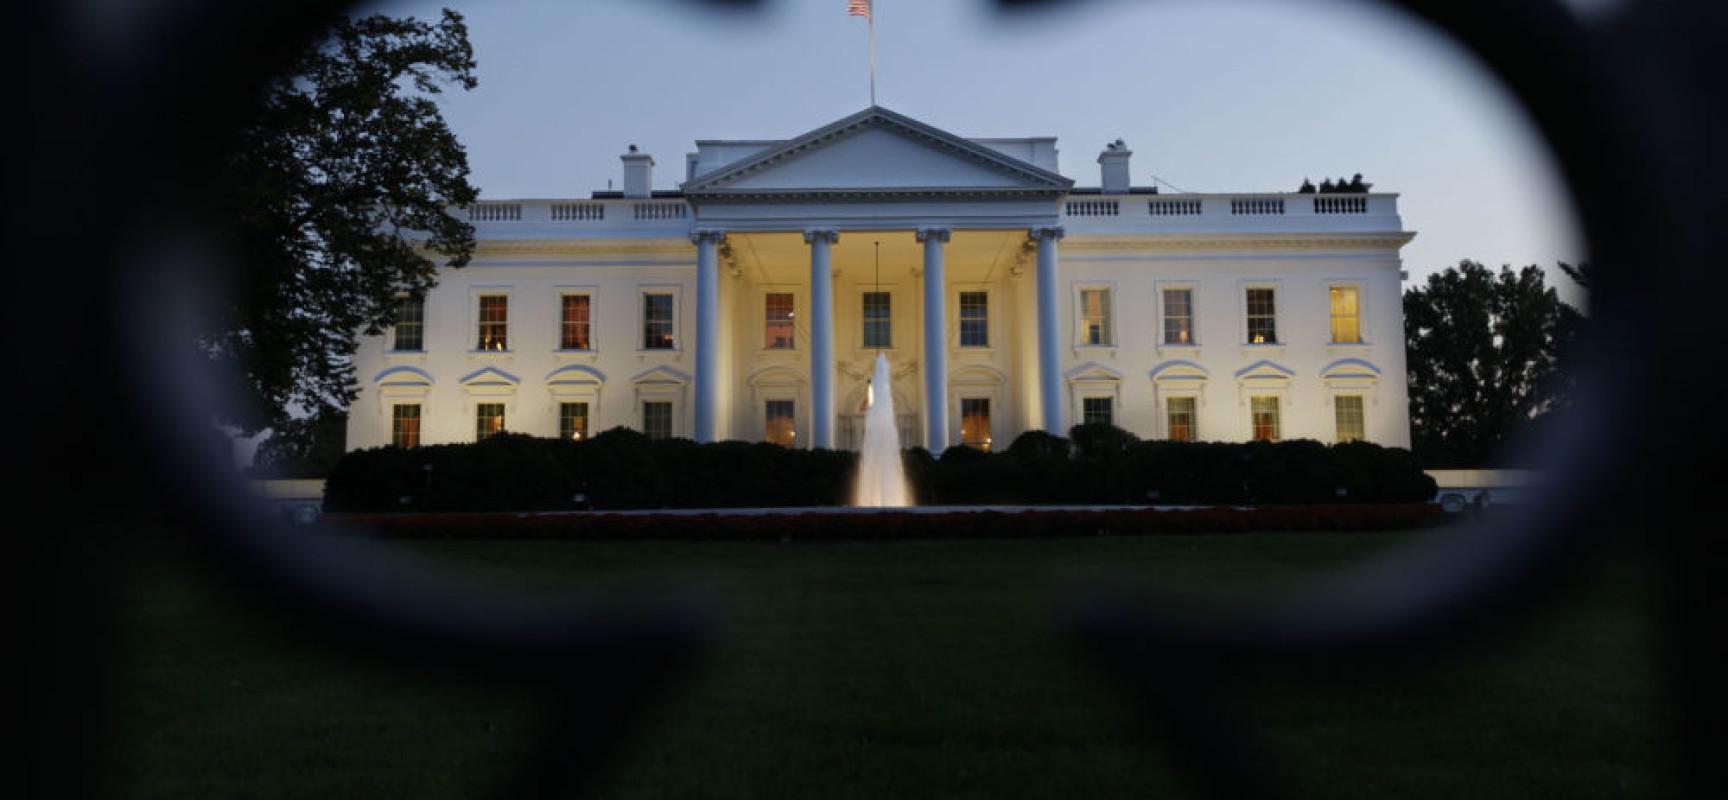 Médias US: un coup d'État se prépare aux États-Unis